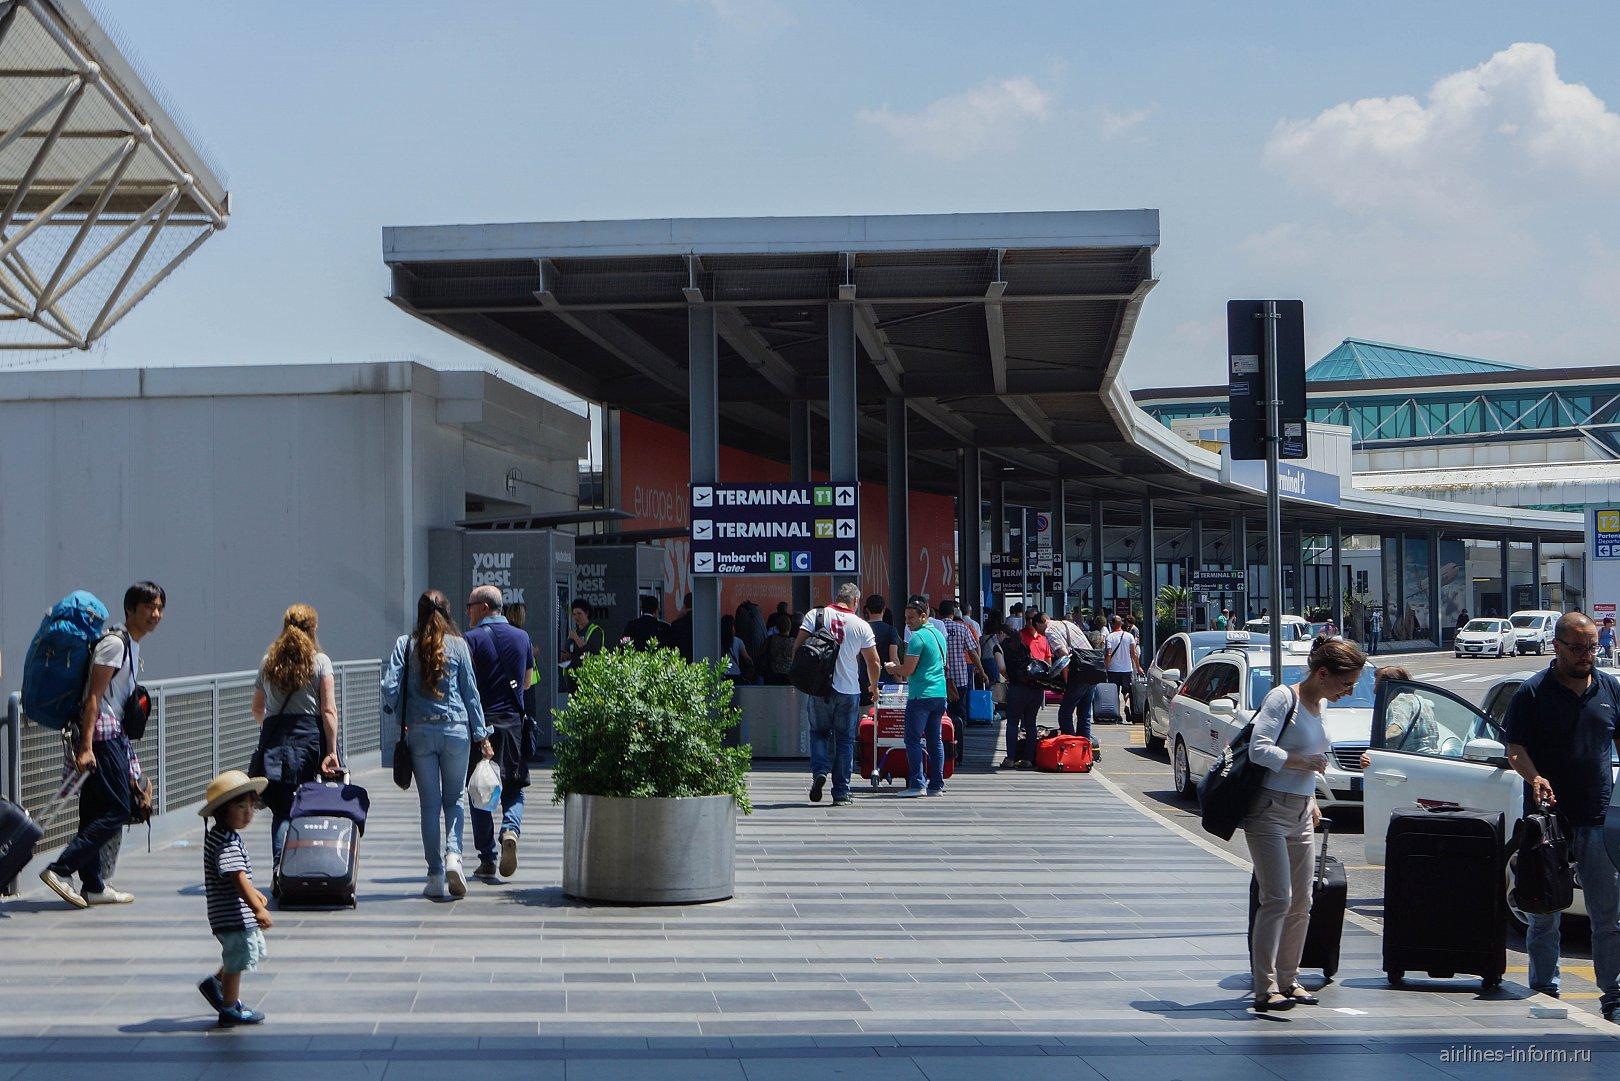 Лоу-кост терминал 2 аэропорта Рим Фьюмичино